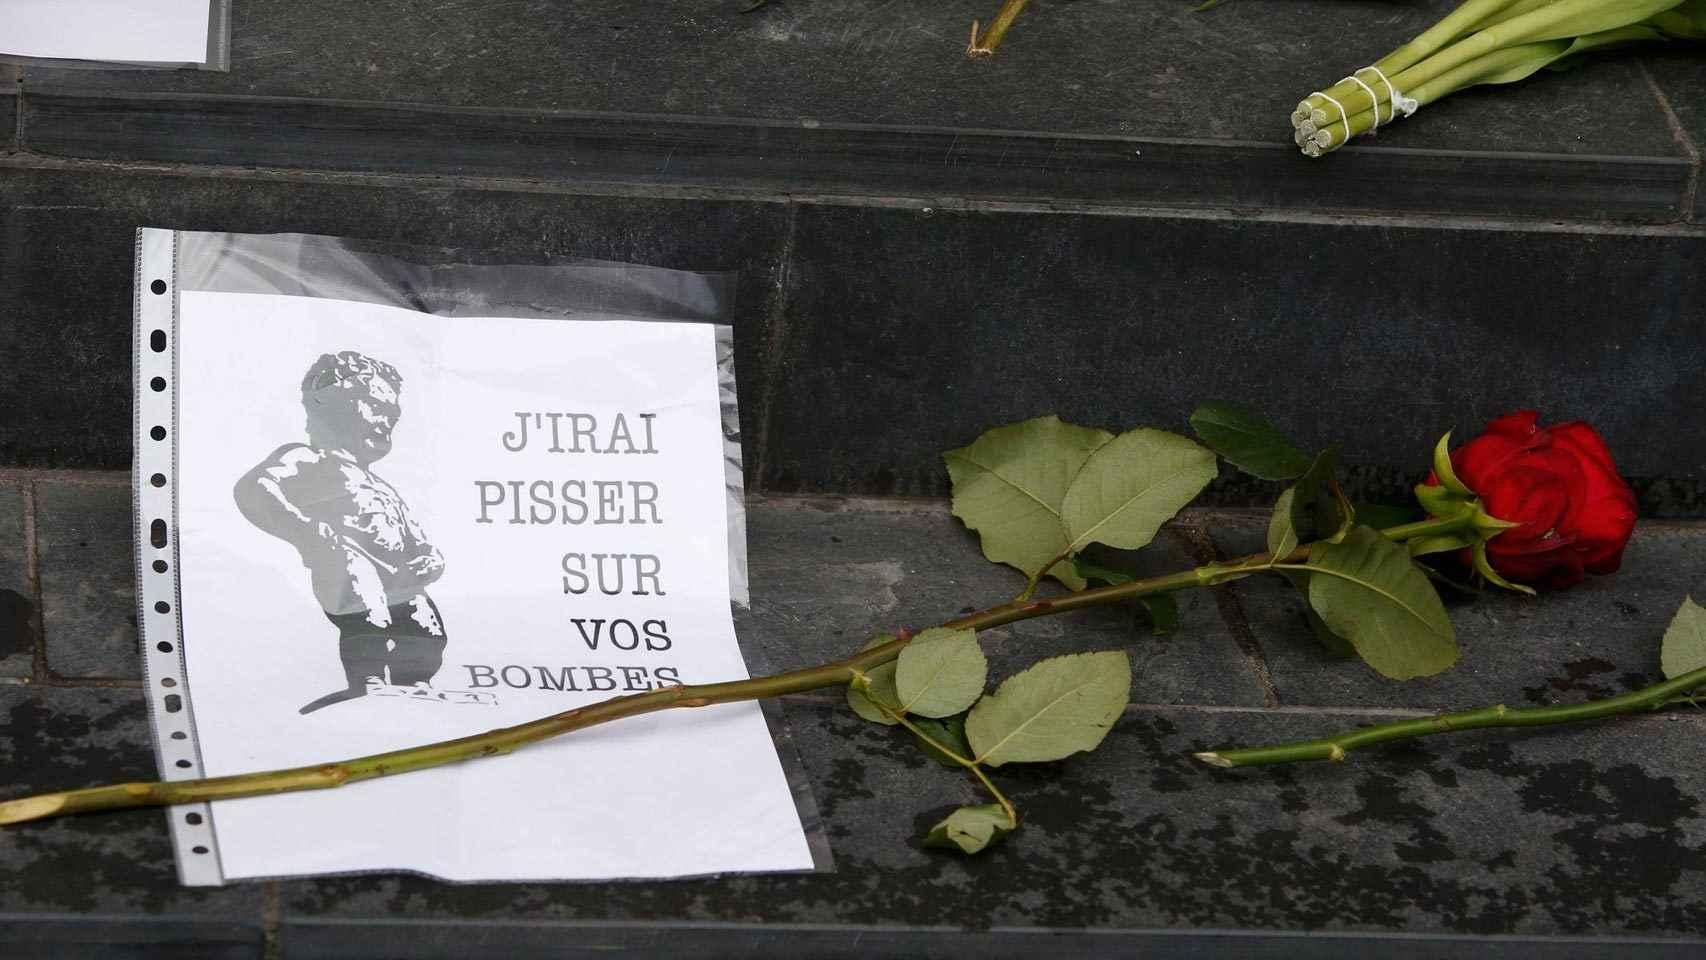 Una foto del Manneken Pis en los escalones de la embajada belga en Berlín.